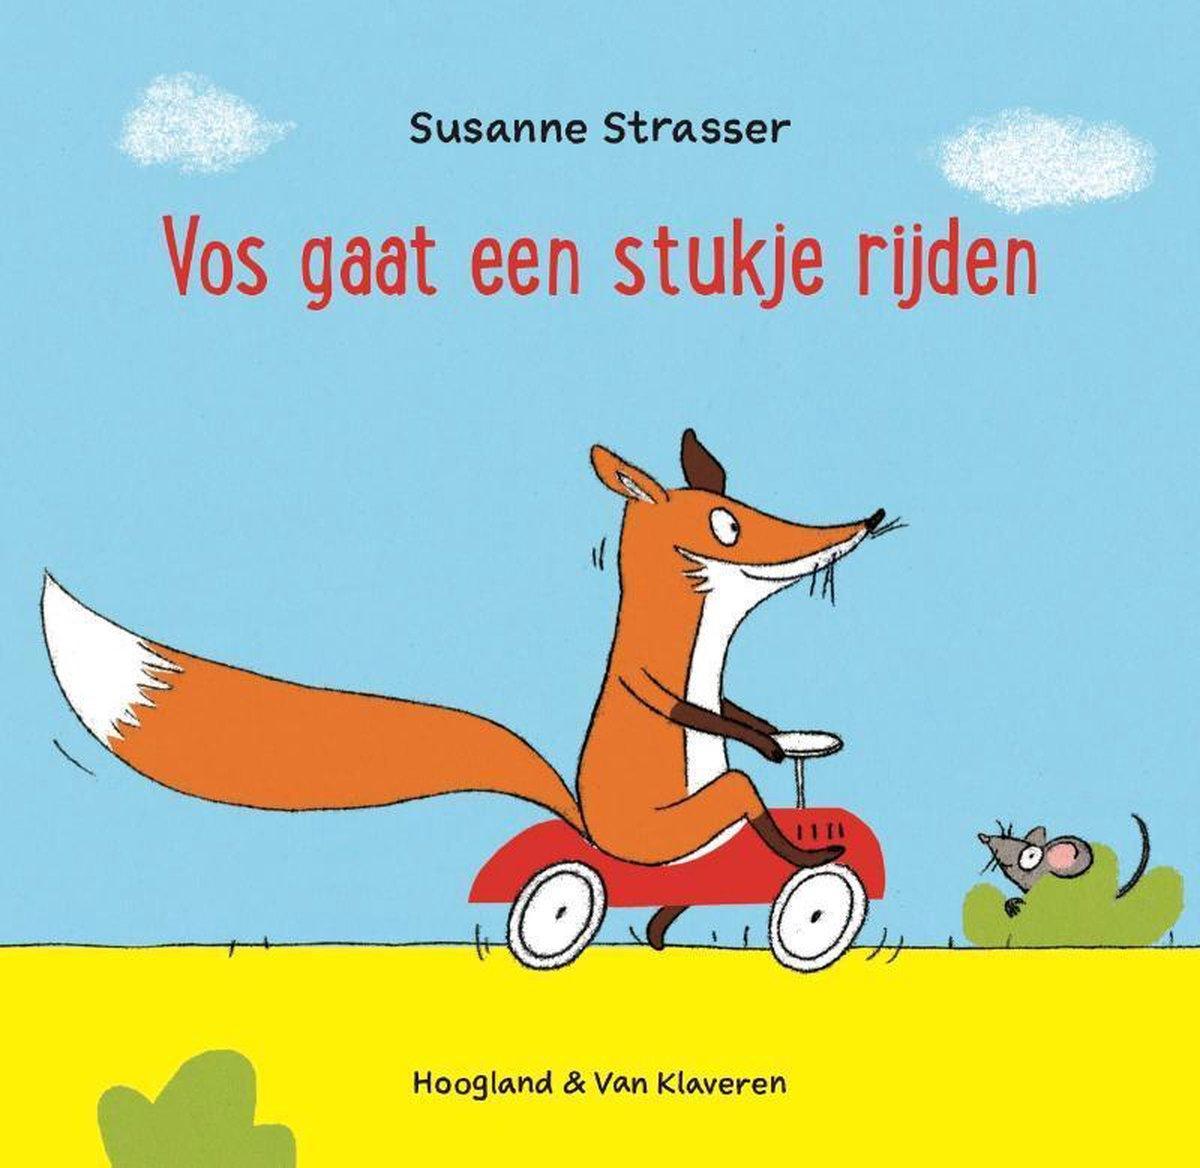 bol.com | Vos gaat een stukje rijden, Susanne Strasser | 9789089673435 |  Boeken